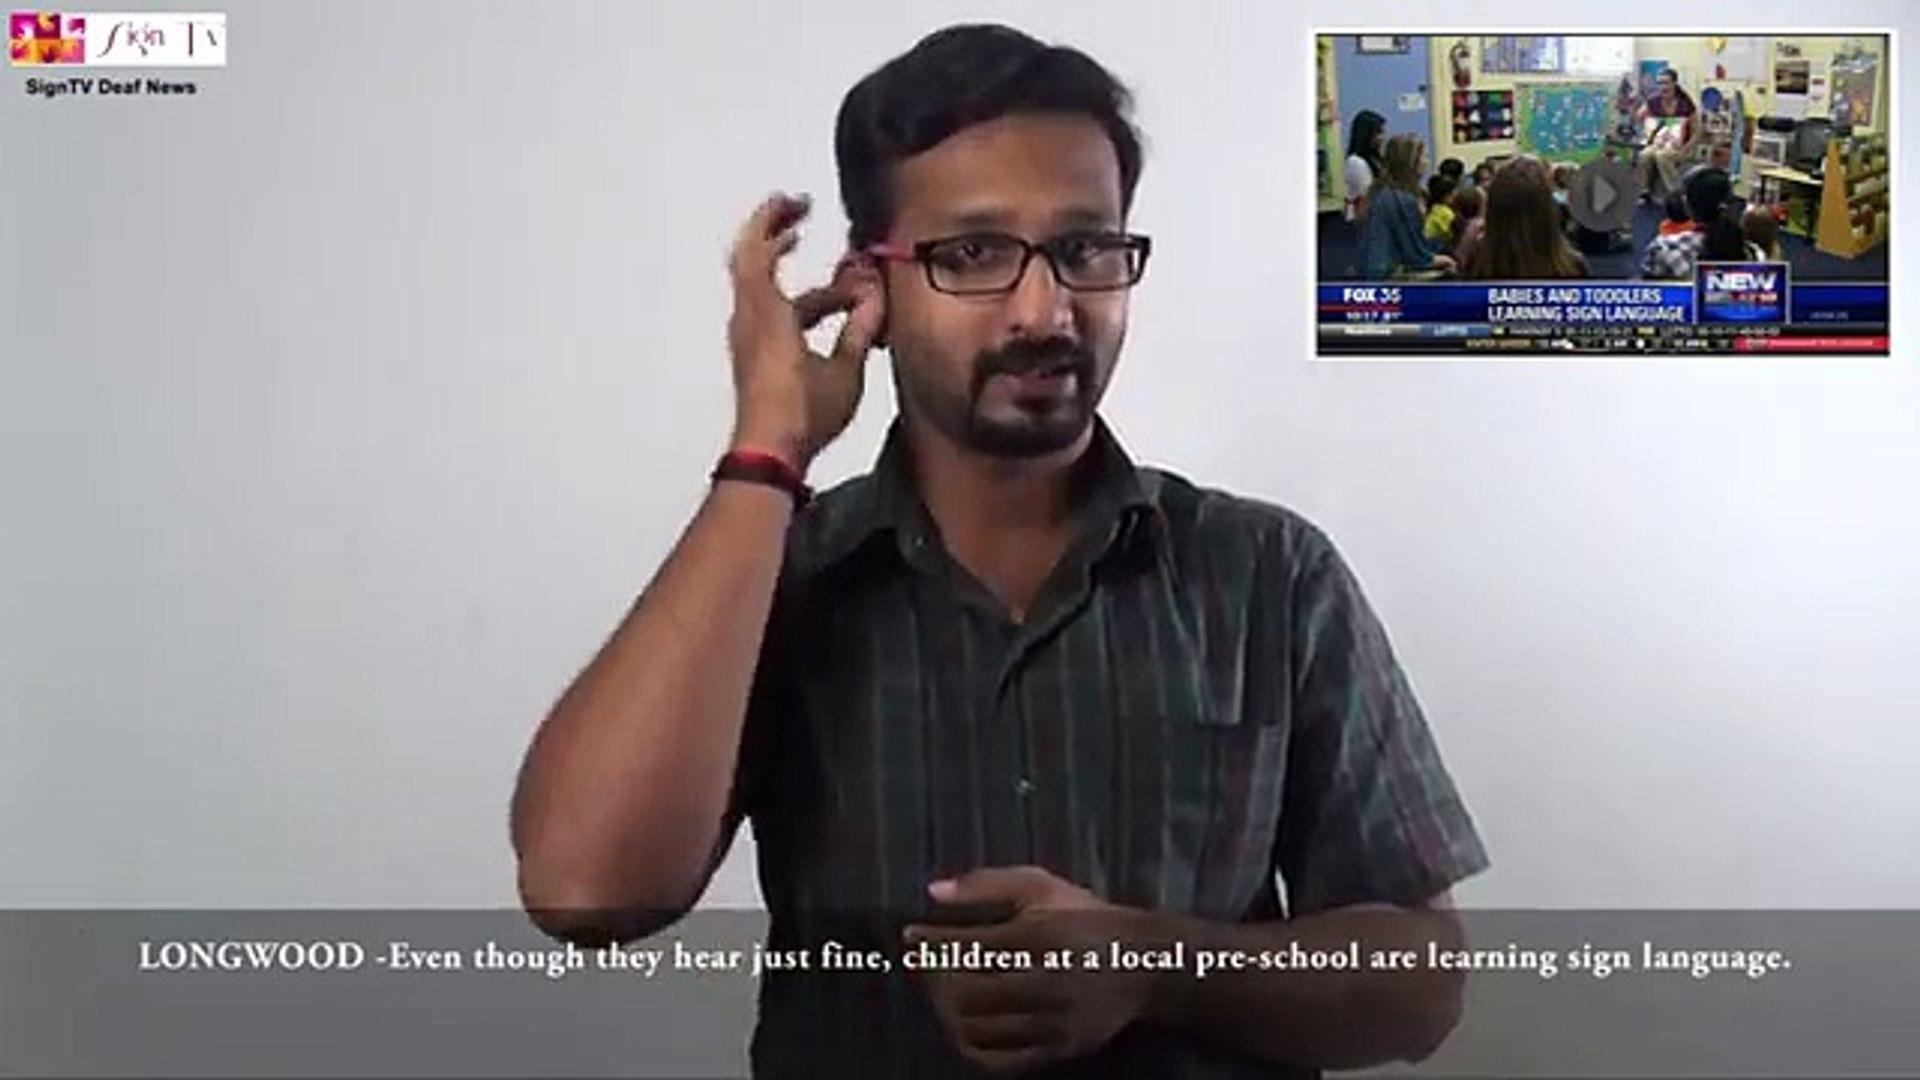 India Deaf News – 21/05/2015 – SignTv Deaf News